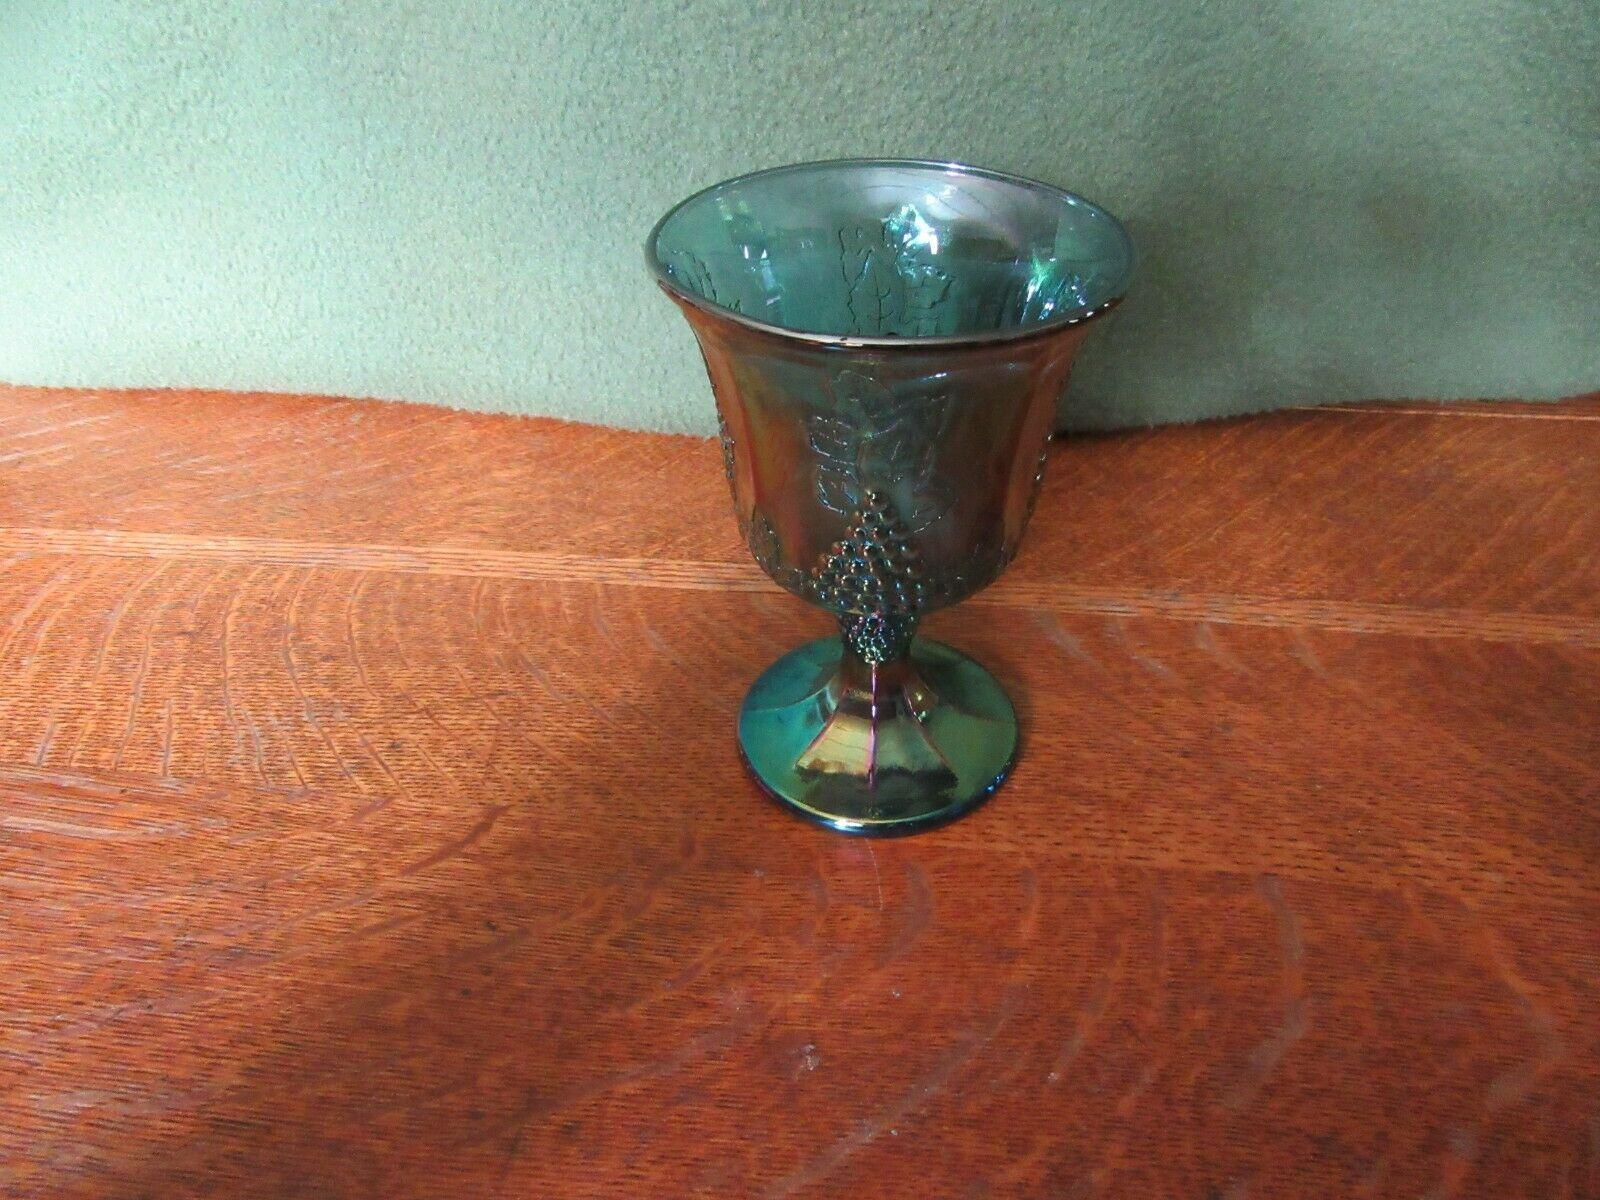 Vintage Iridescent Blue Carnival Glass Goblet Candle Holder-Grape image 2